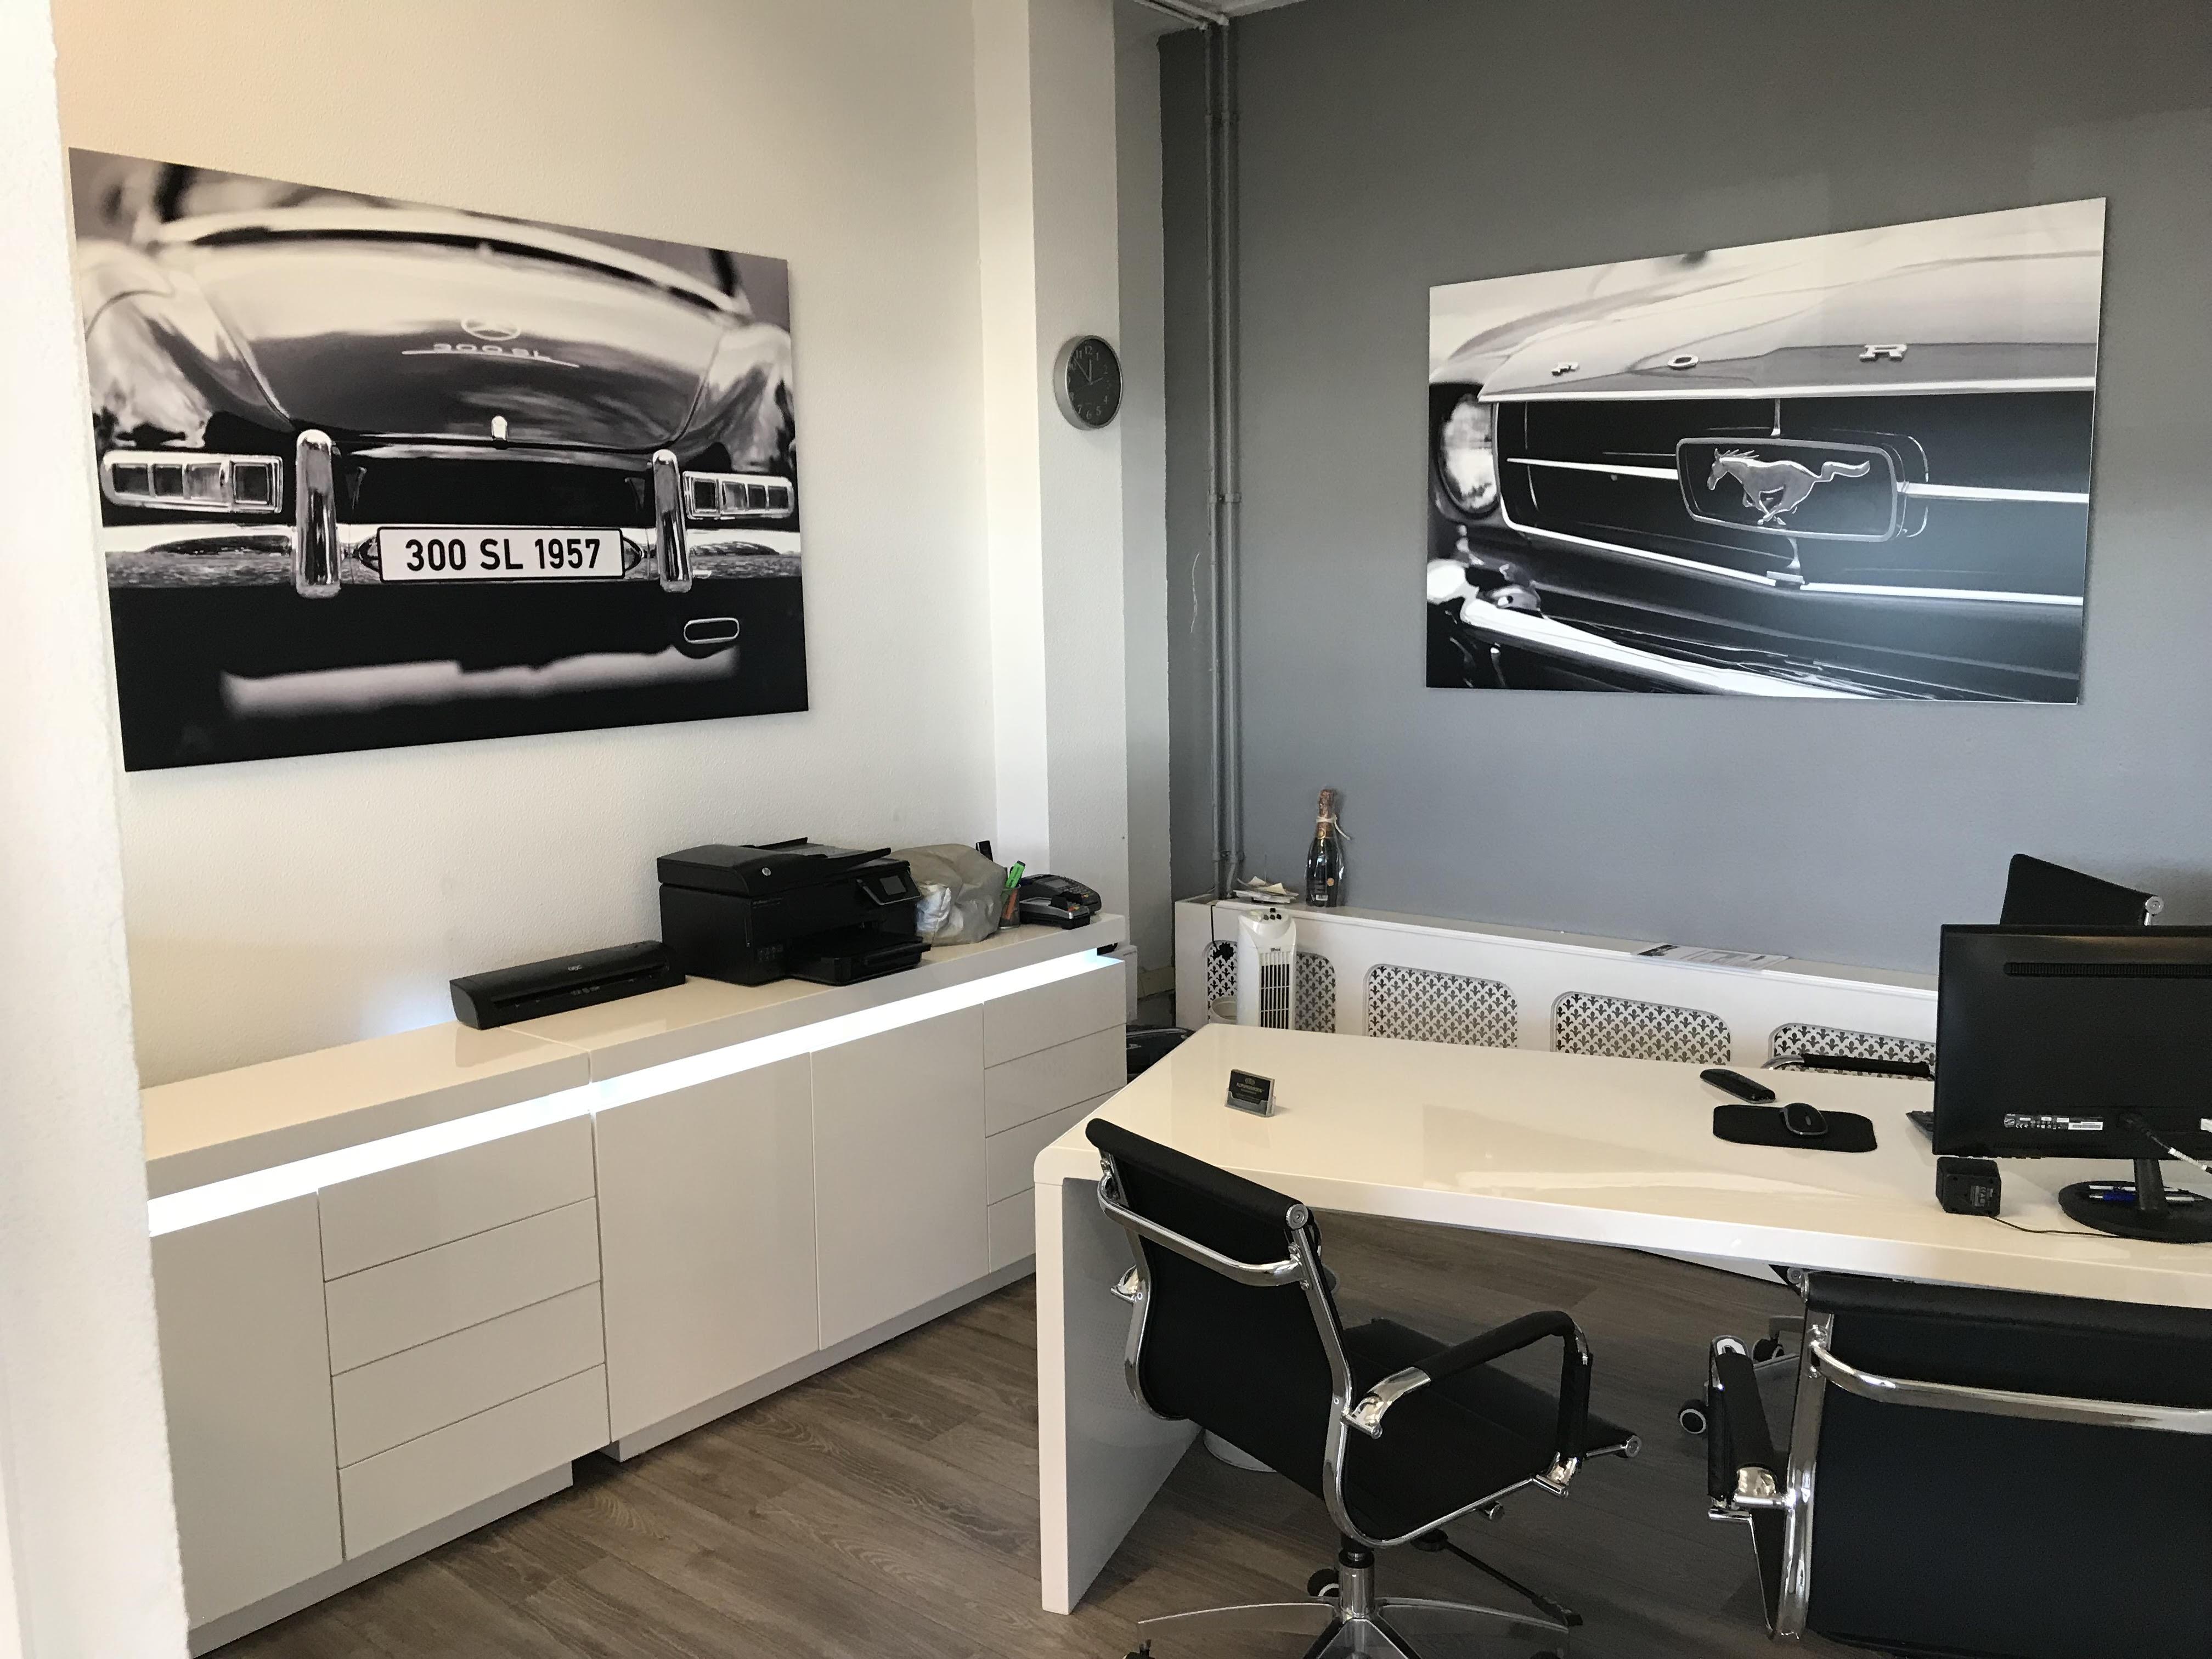 Auto Garage Beverwijk : Home koningshoek